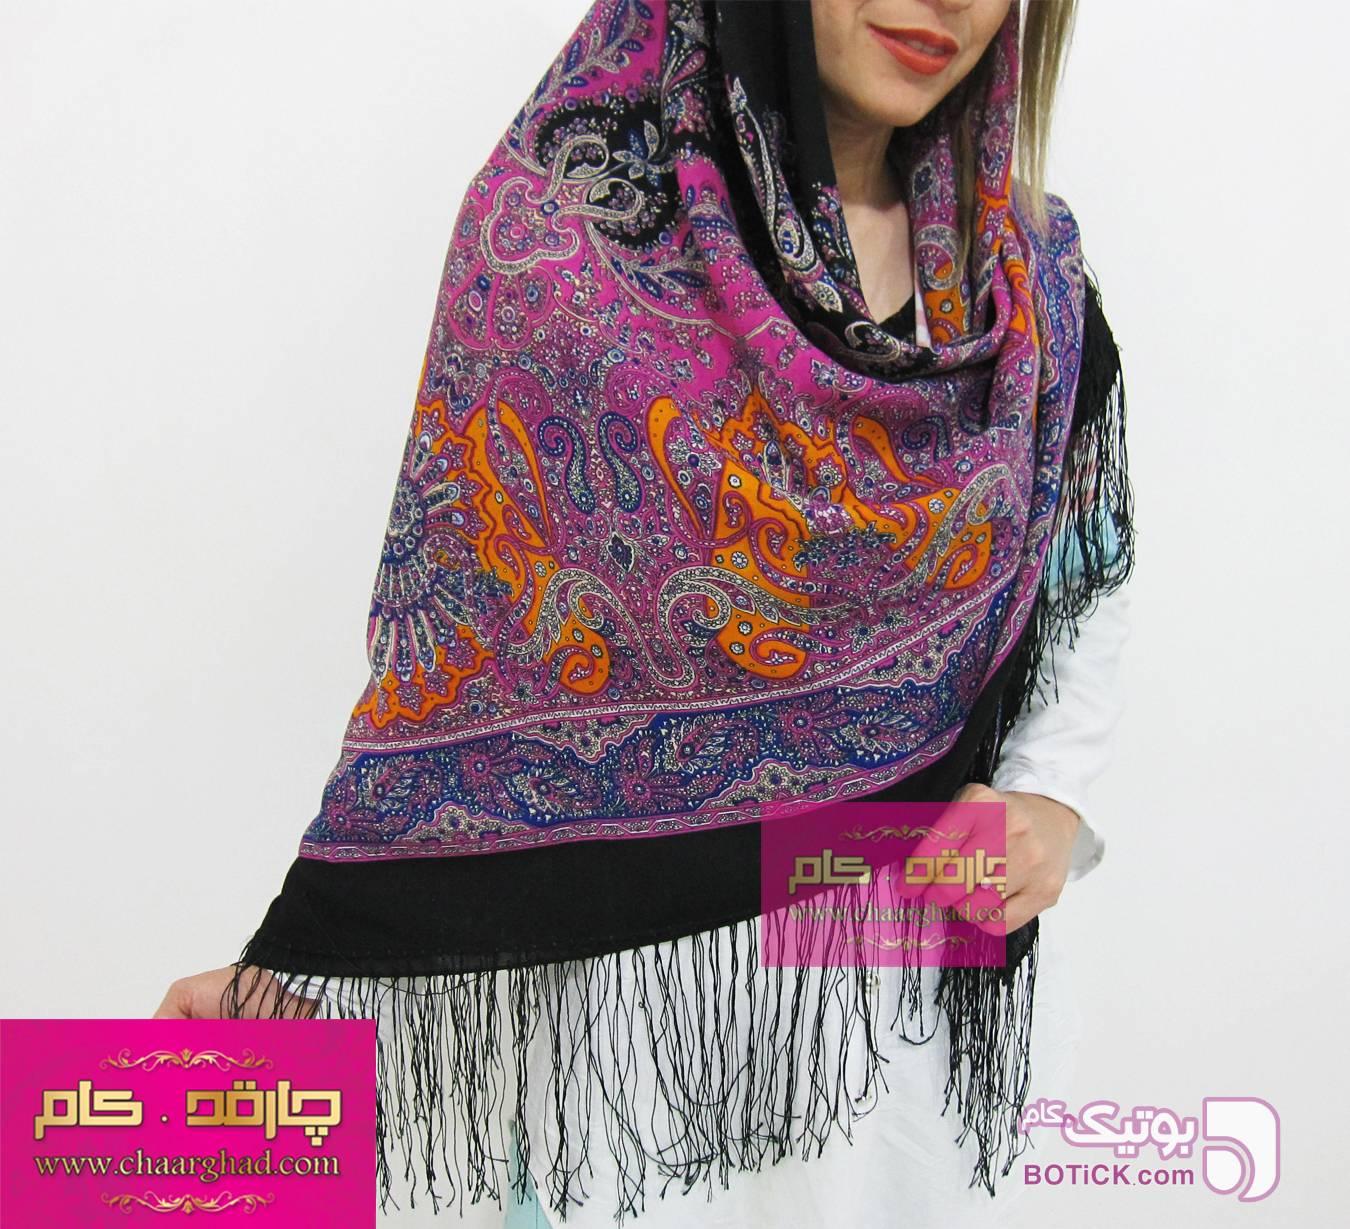 اسم برای بوتیک شال روسری روسری ترکمنی پشمی   بوتیک